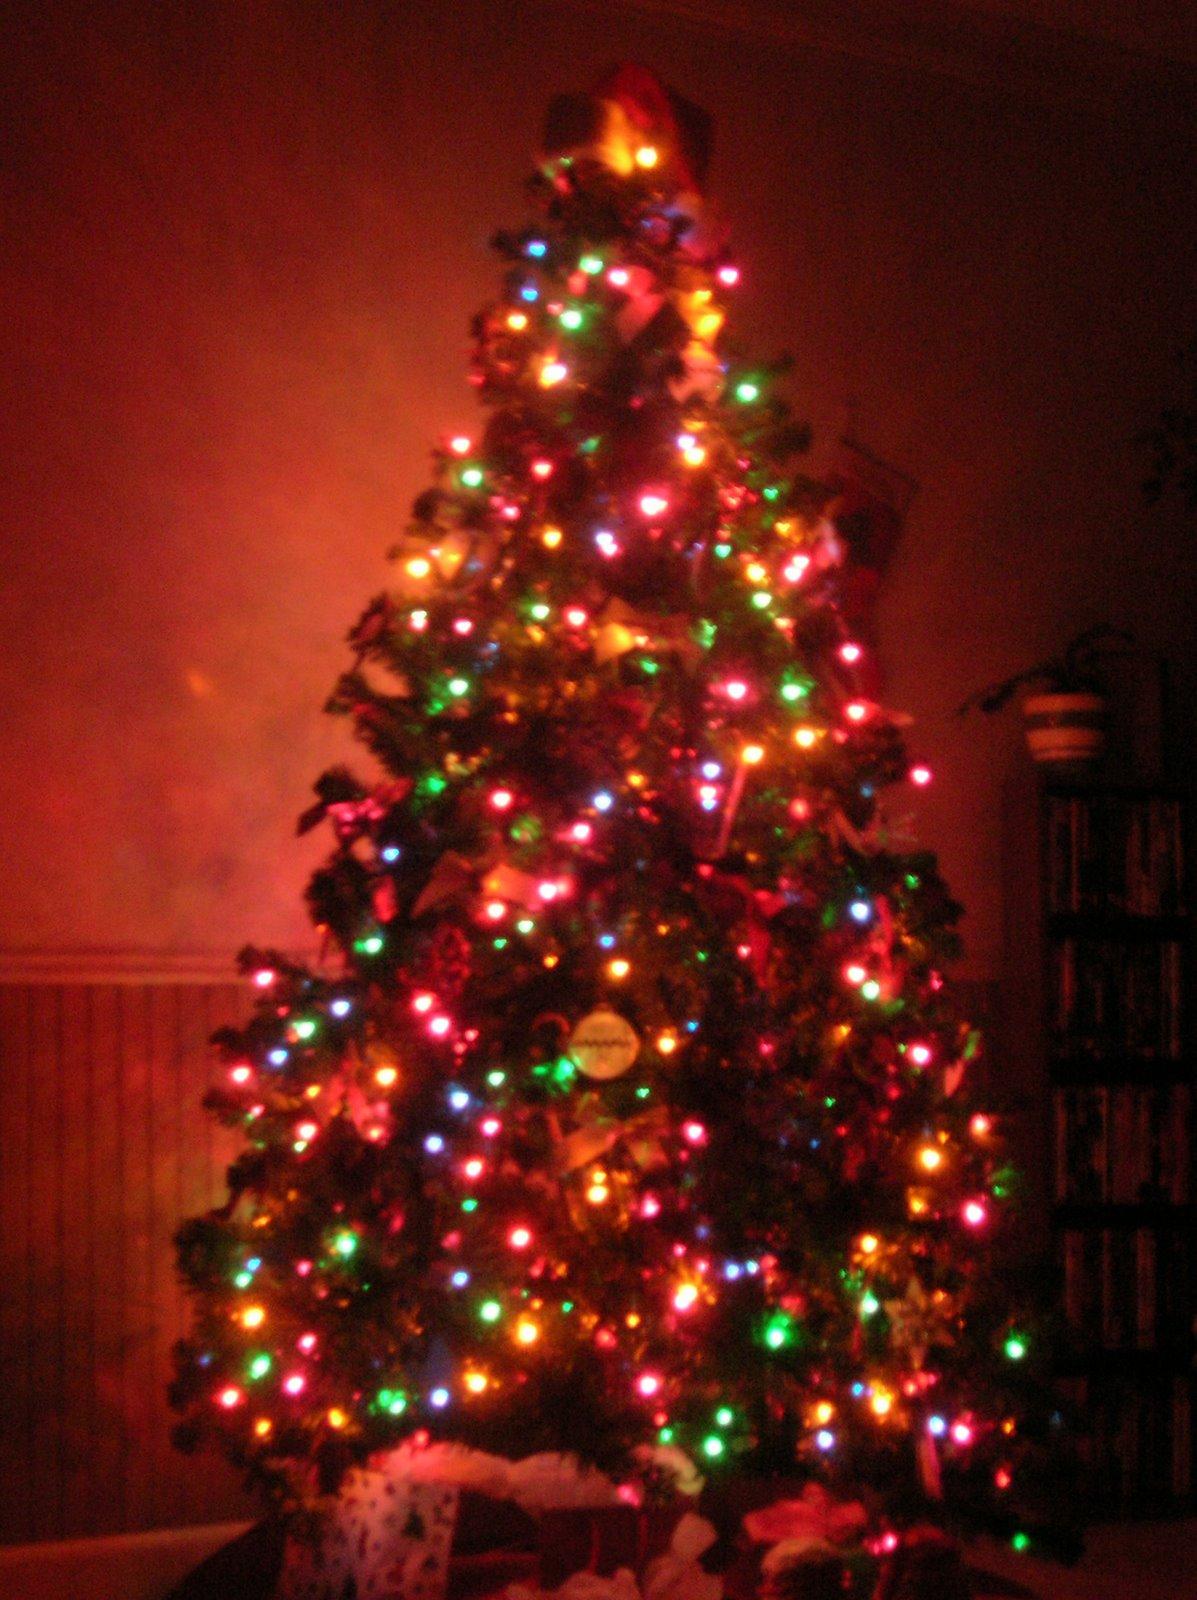 Christmas Tree Wallpapers Animated 2015 Merry Christmas